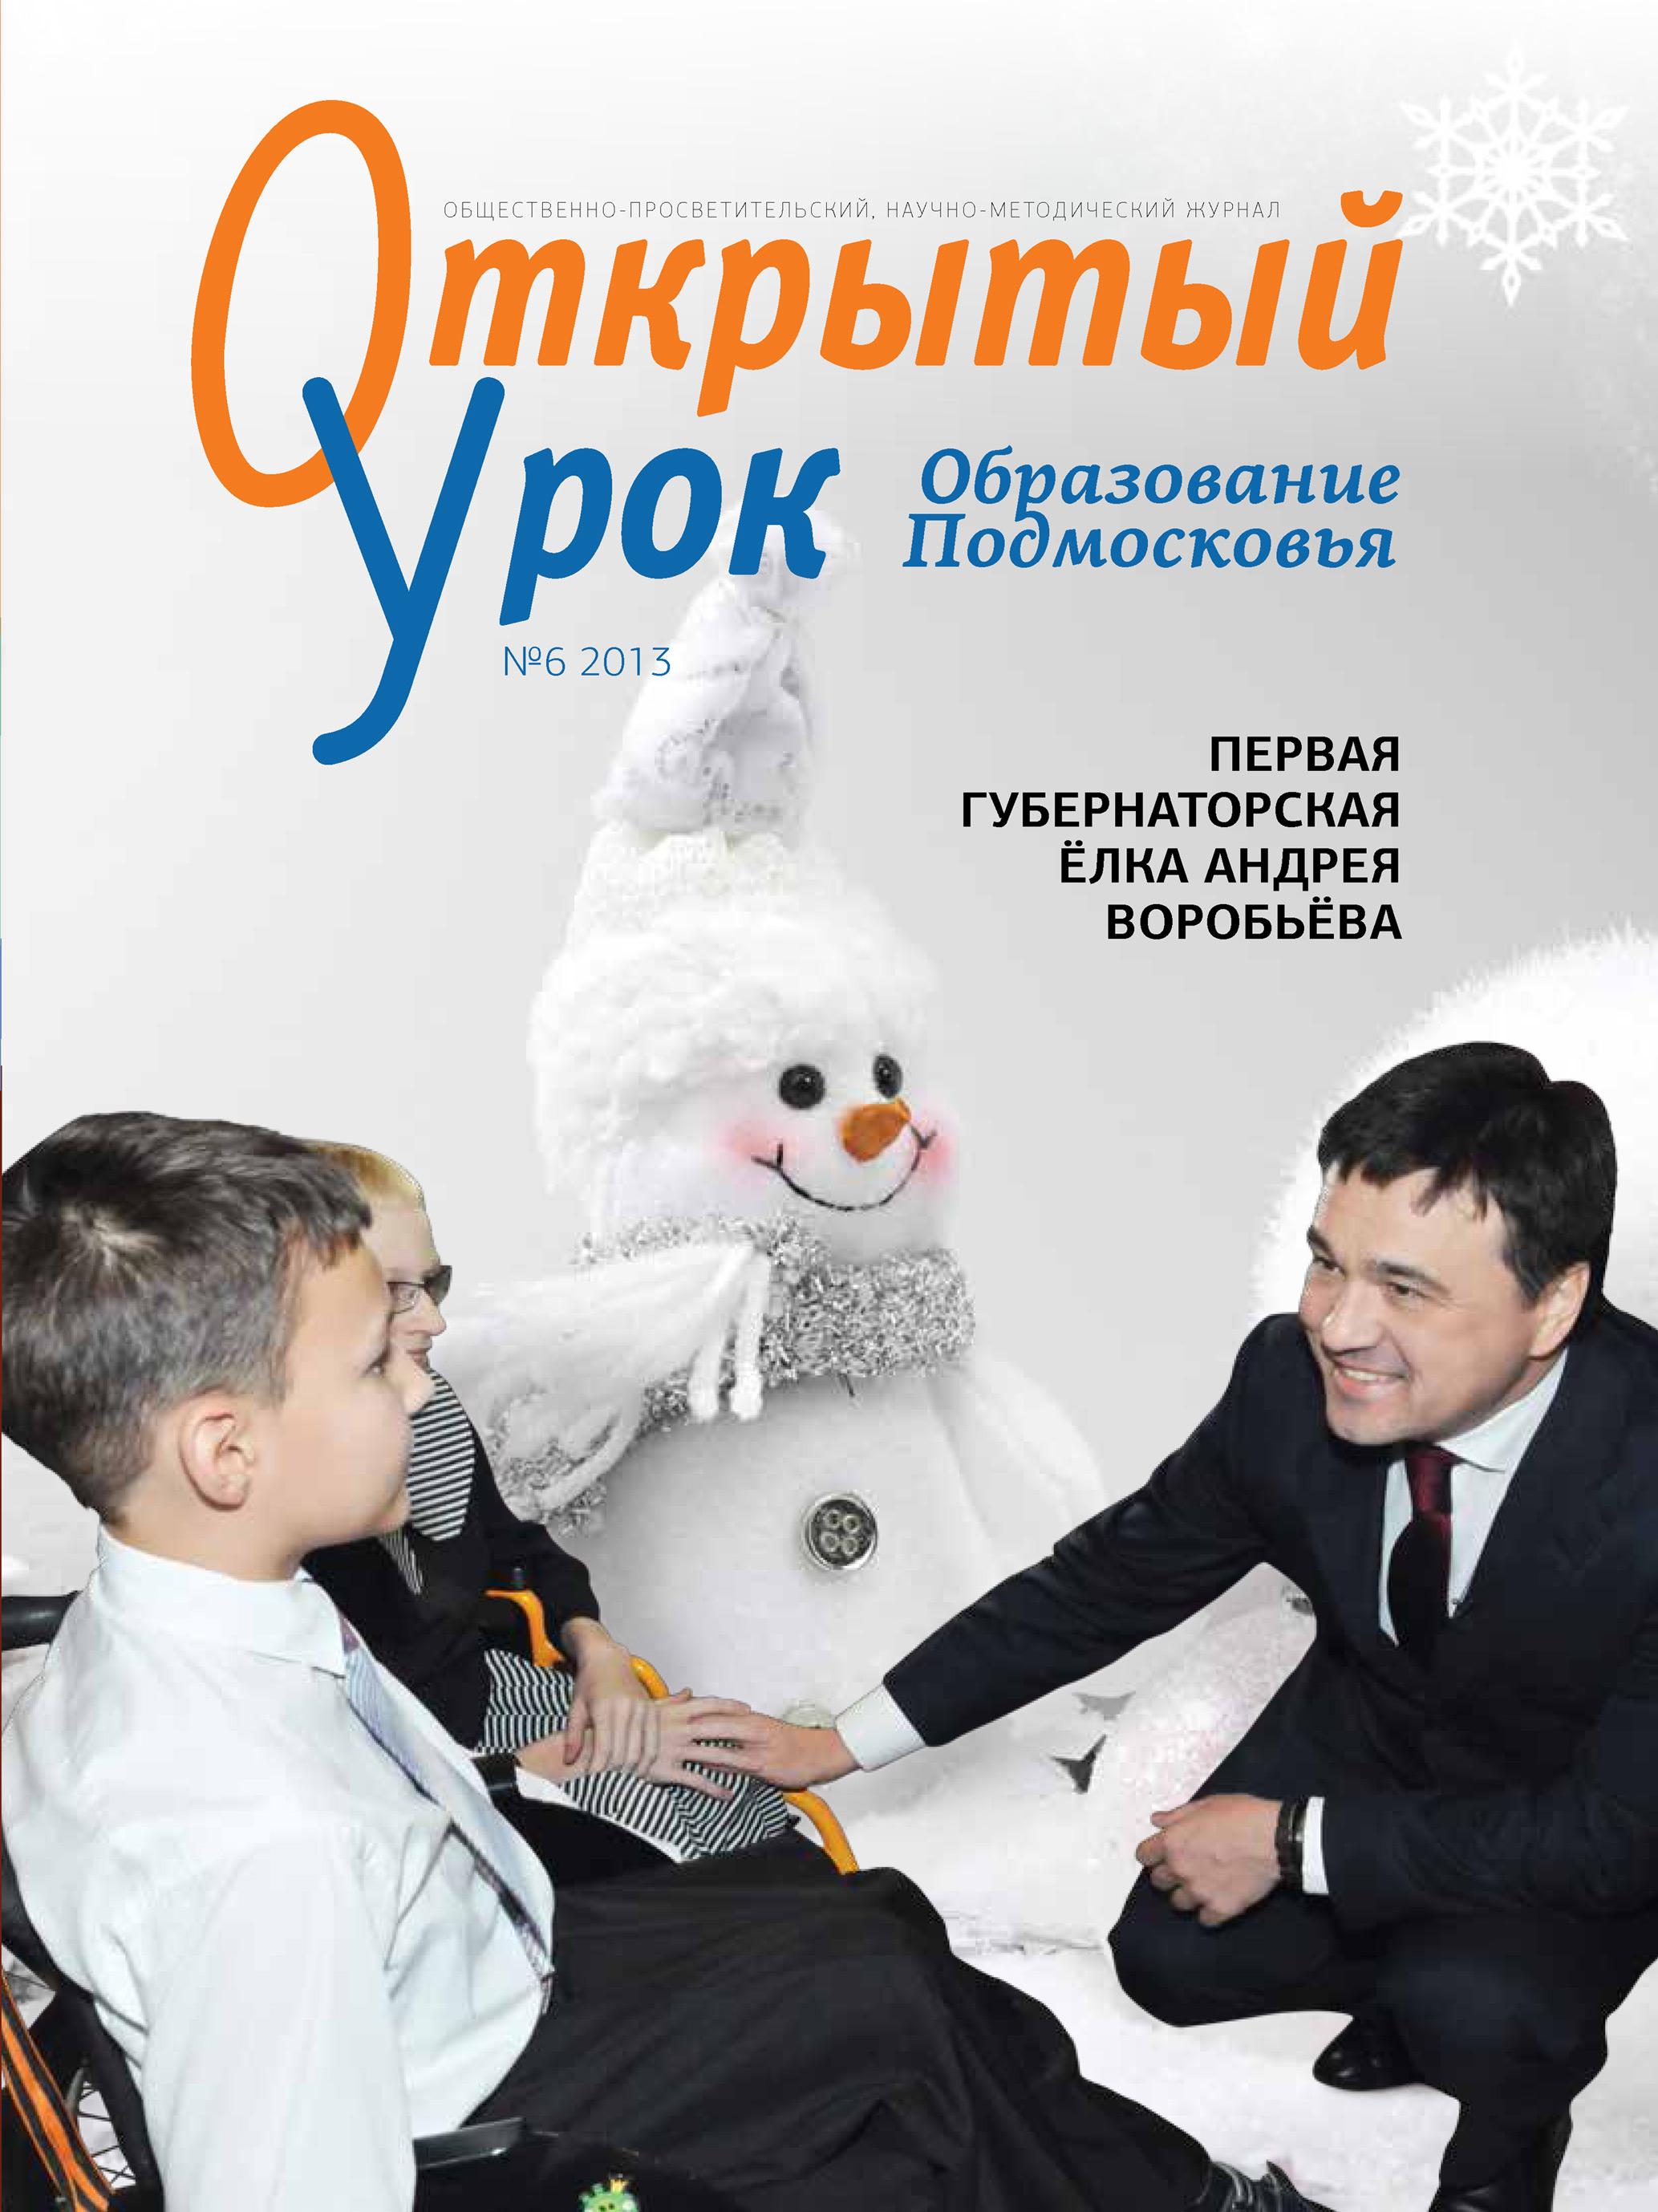 Образование Подмосковья. Открытый урок № 6 2013